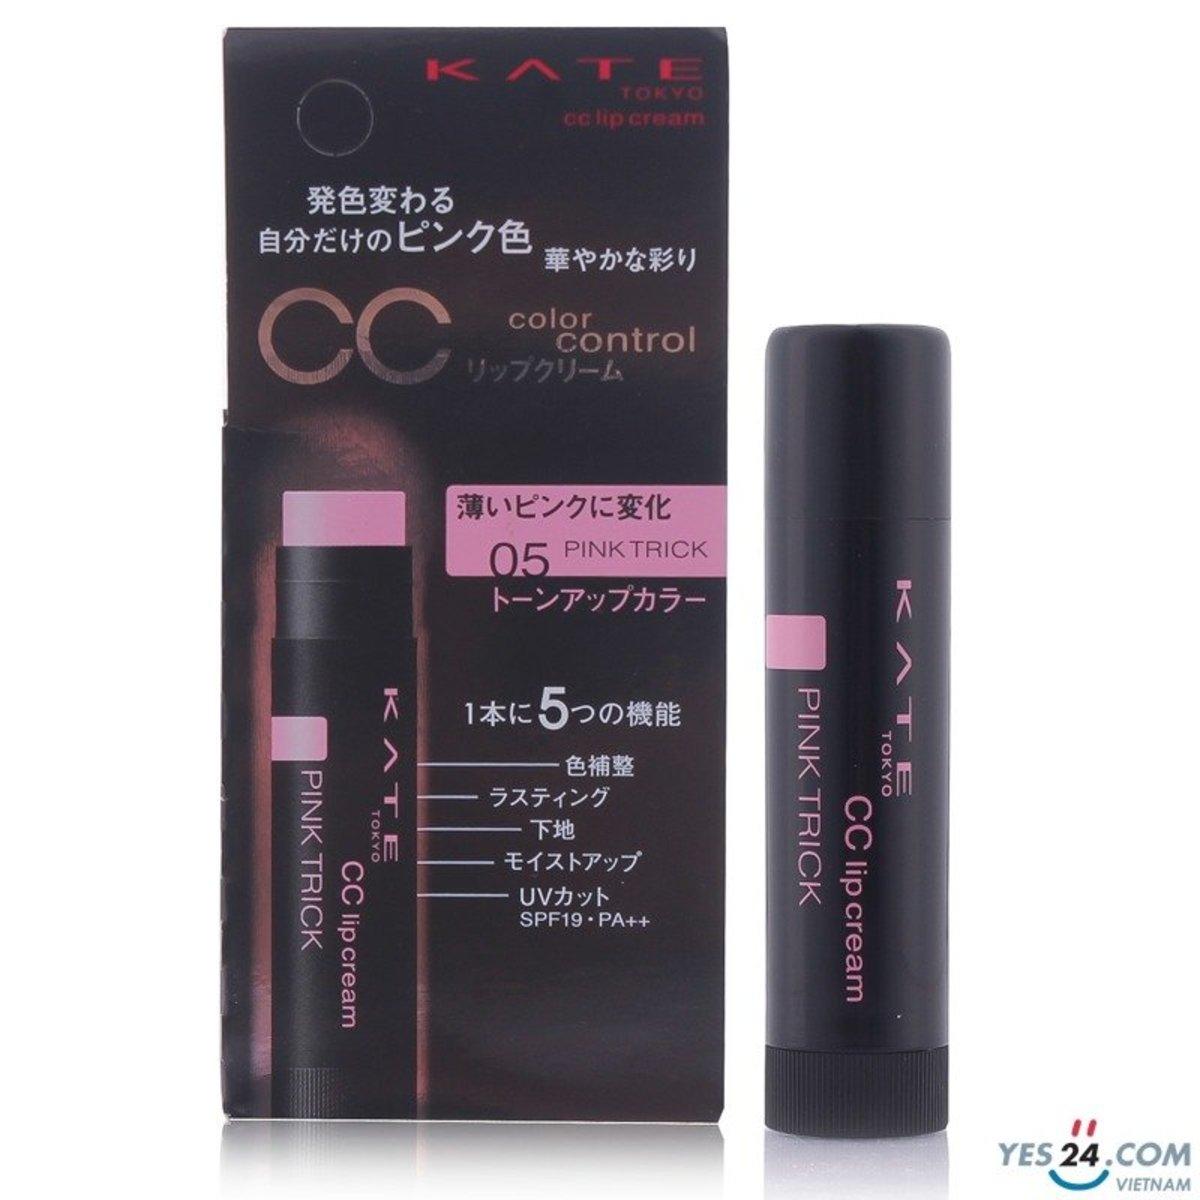 KATE CC防裂膏調子提高彩色5.0g - #05   [平行進口產品]